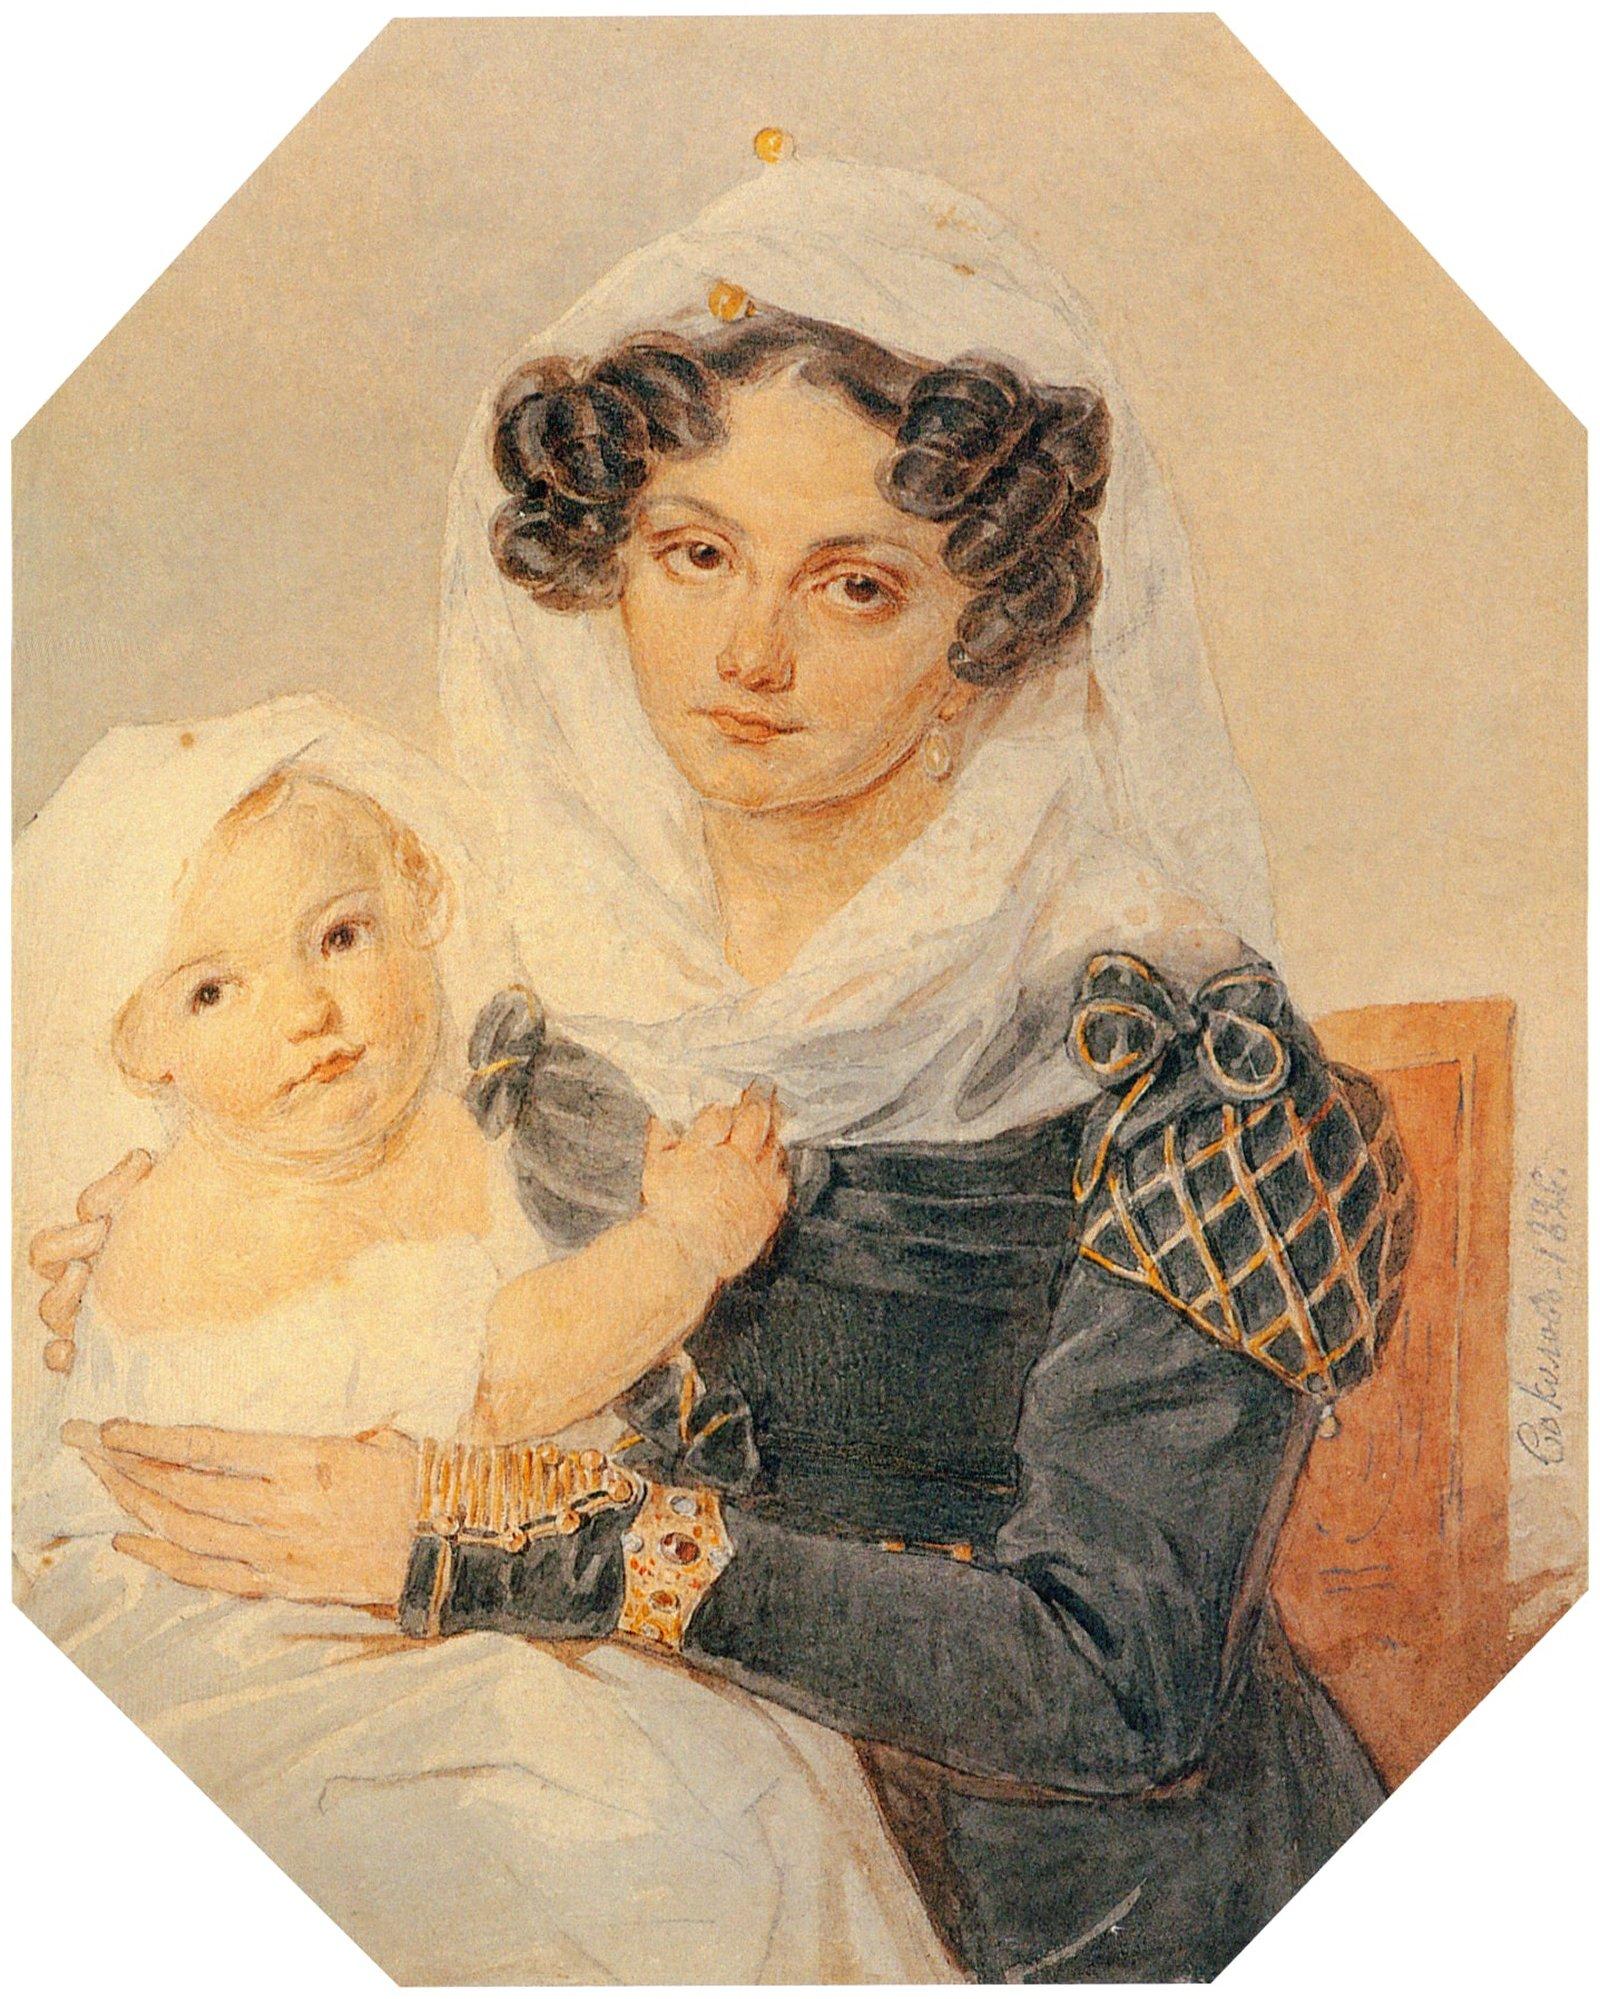 П.Ф. Соколов. Портрет княгини М.Н. Волконской с сыном Николаем. 1826 год